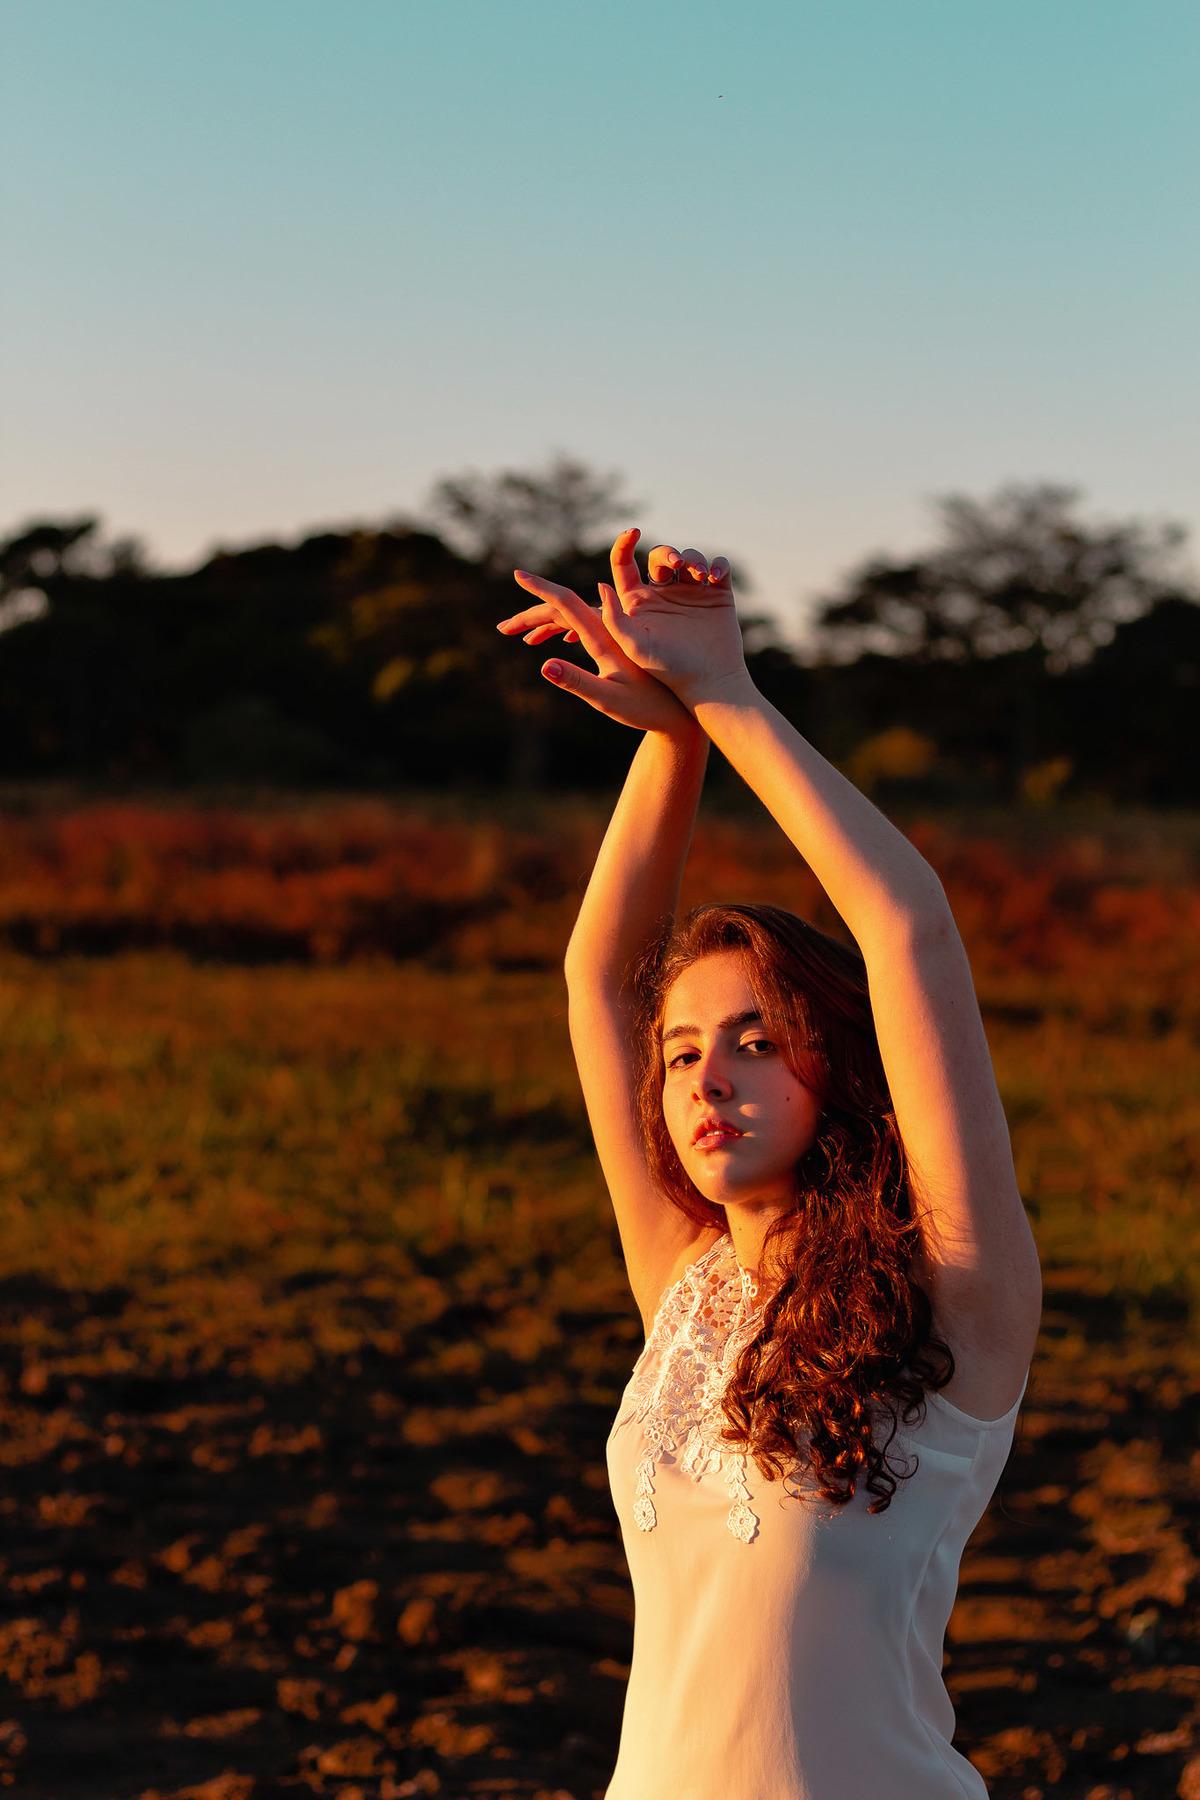 Contate Fotógrafo de 15 anos - Patos de Minas / Carmo do Paranaíba - MG